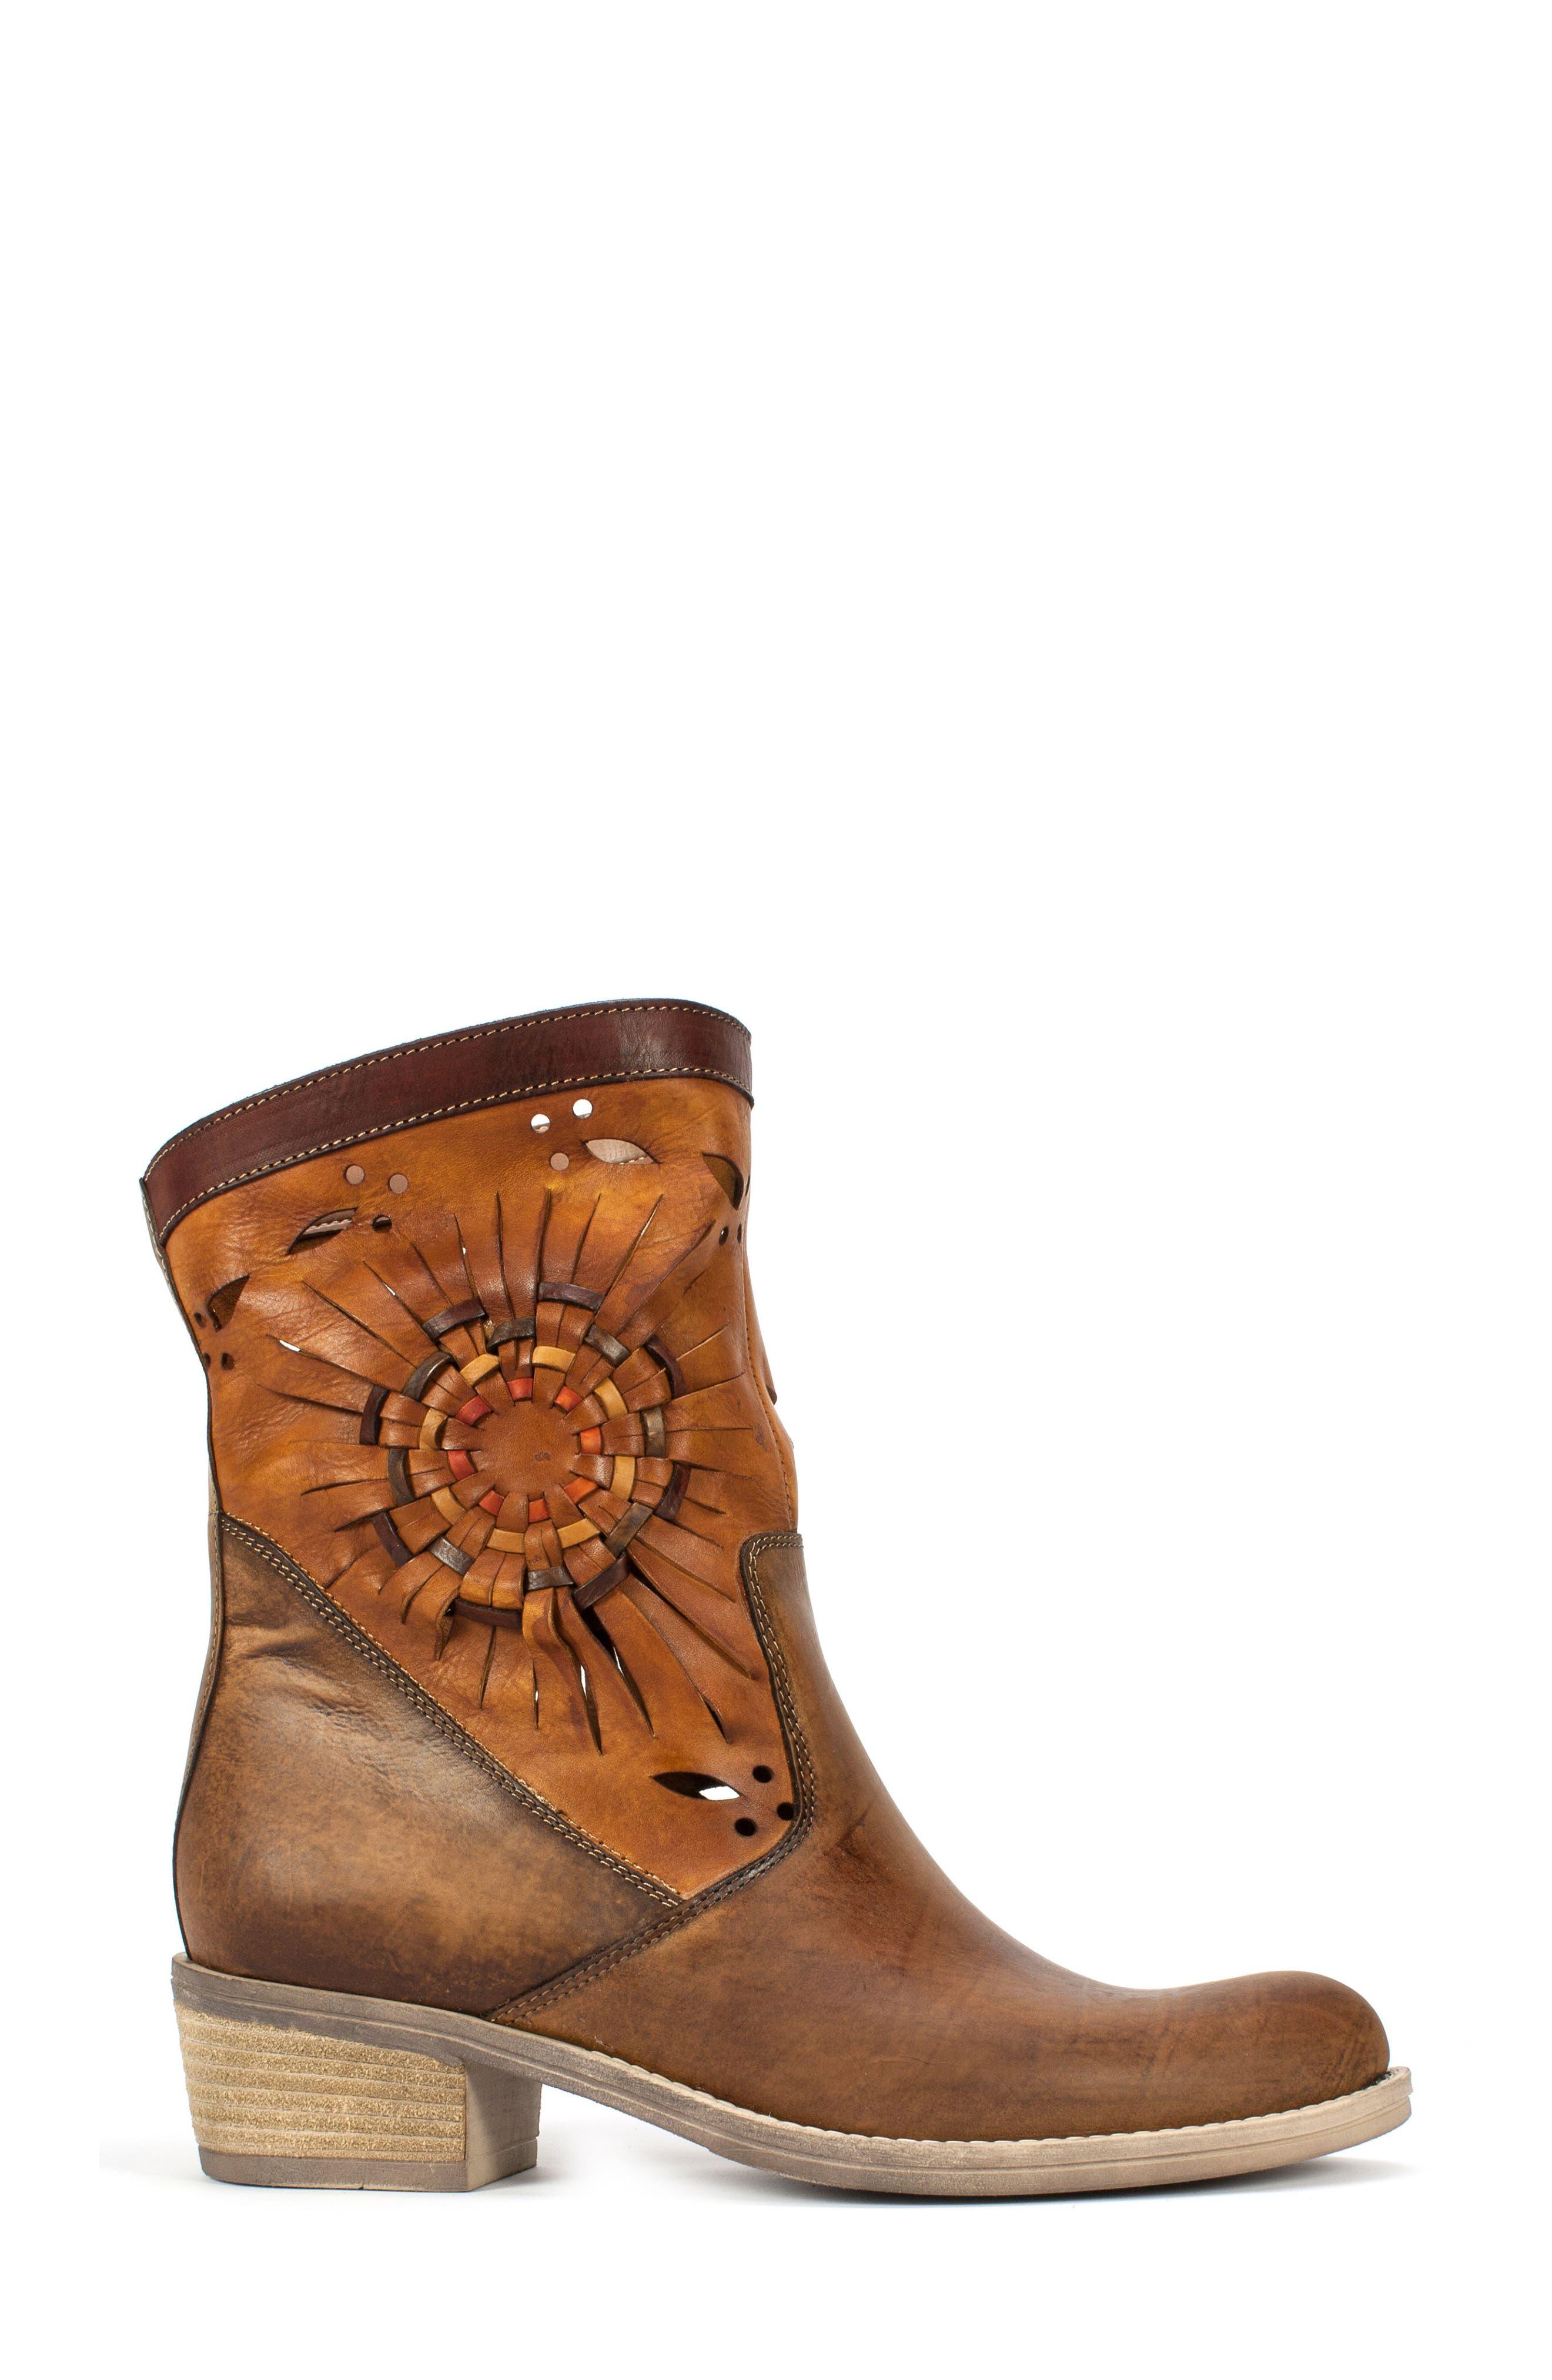 Alternate Image 3  - Summit Taryn Woven Sunburst Boot (Women)